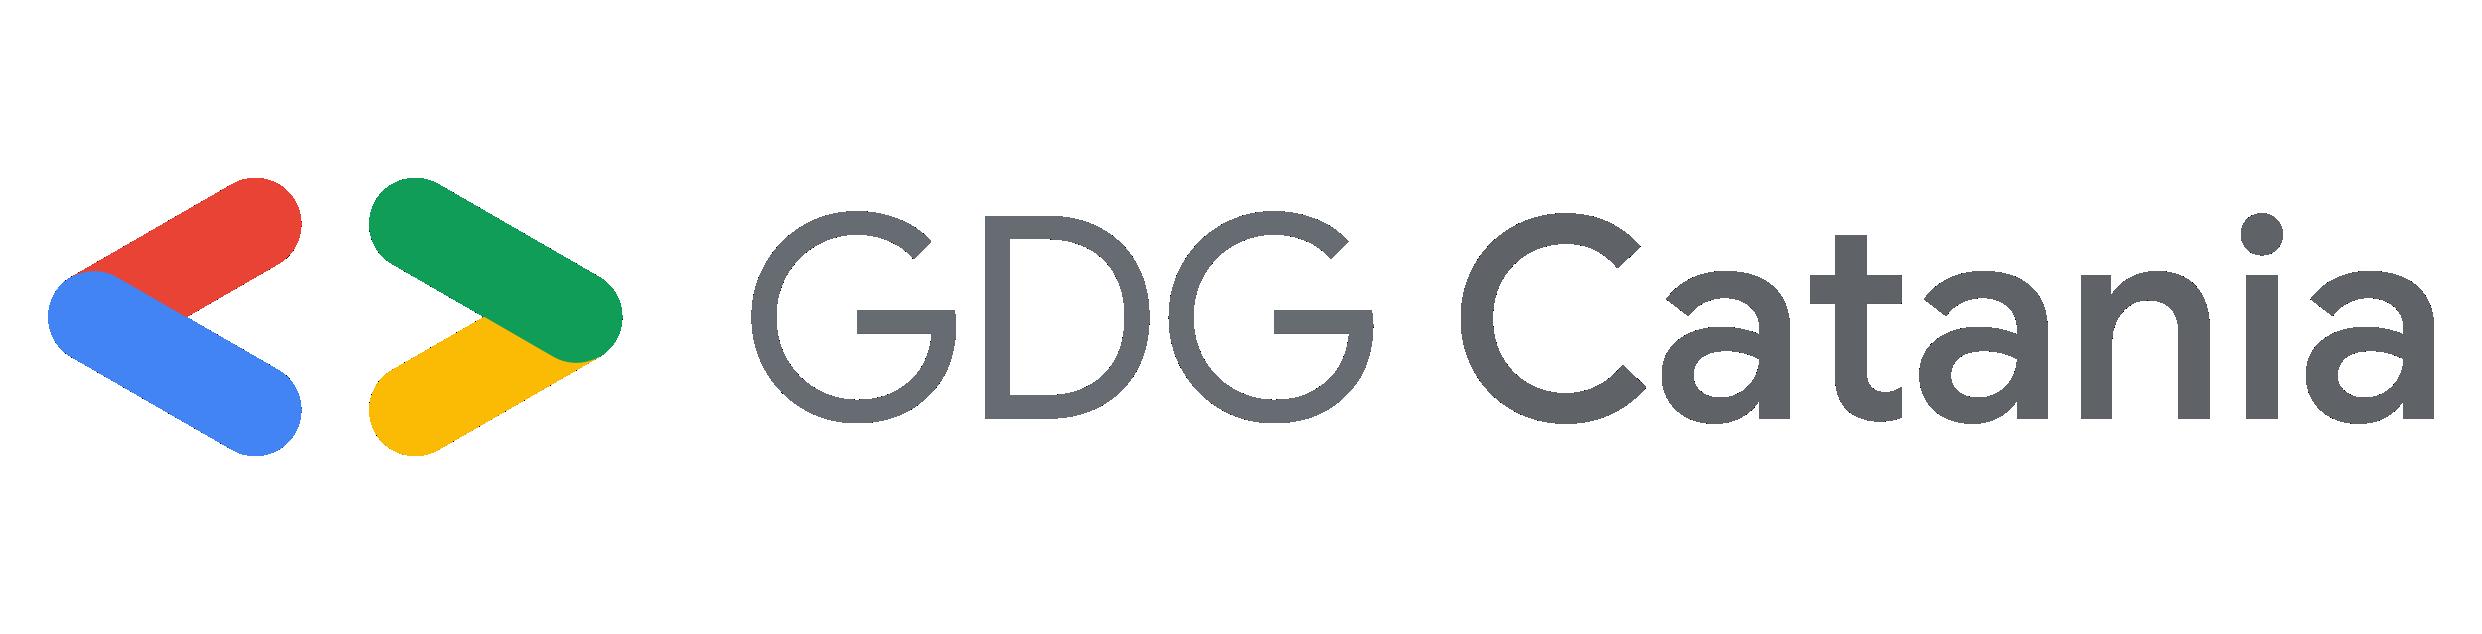 GDG Catania